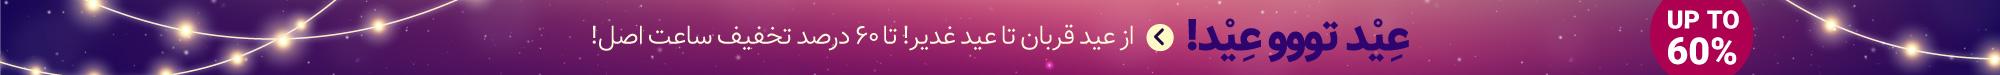 تخفیف ساعت عید تو عید